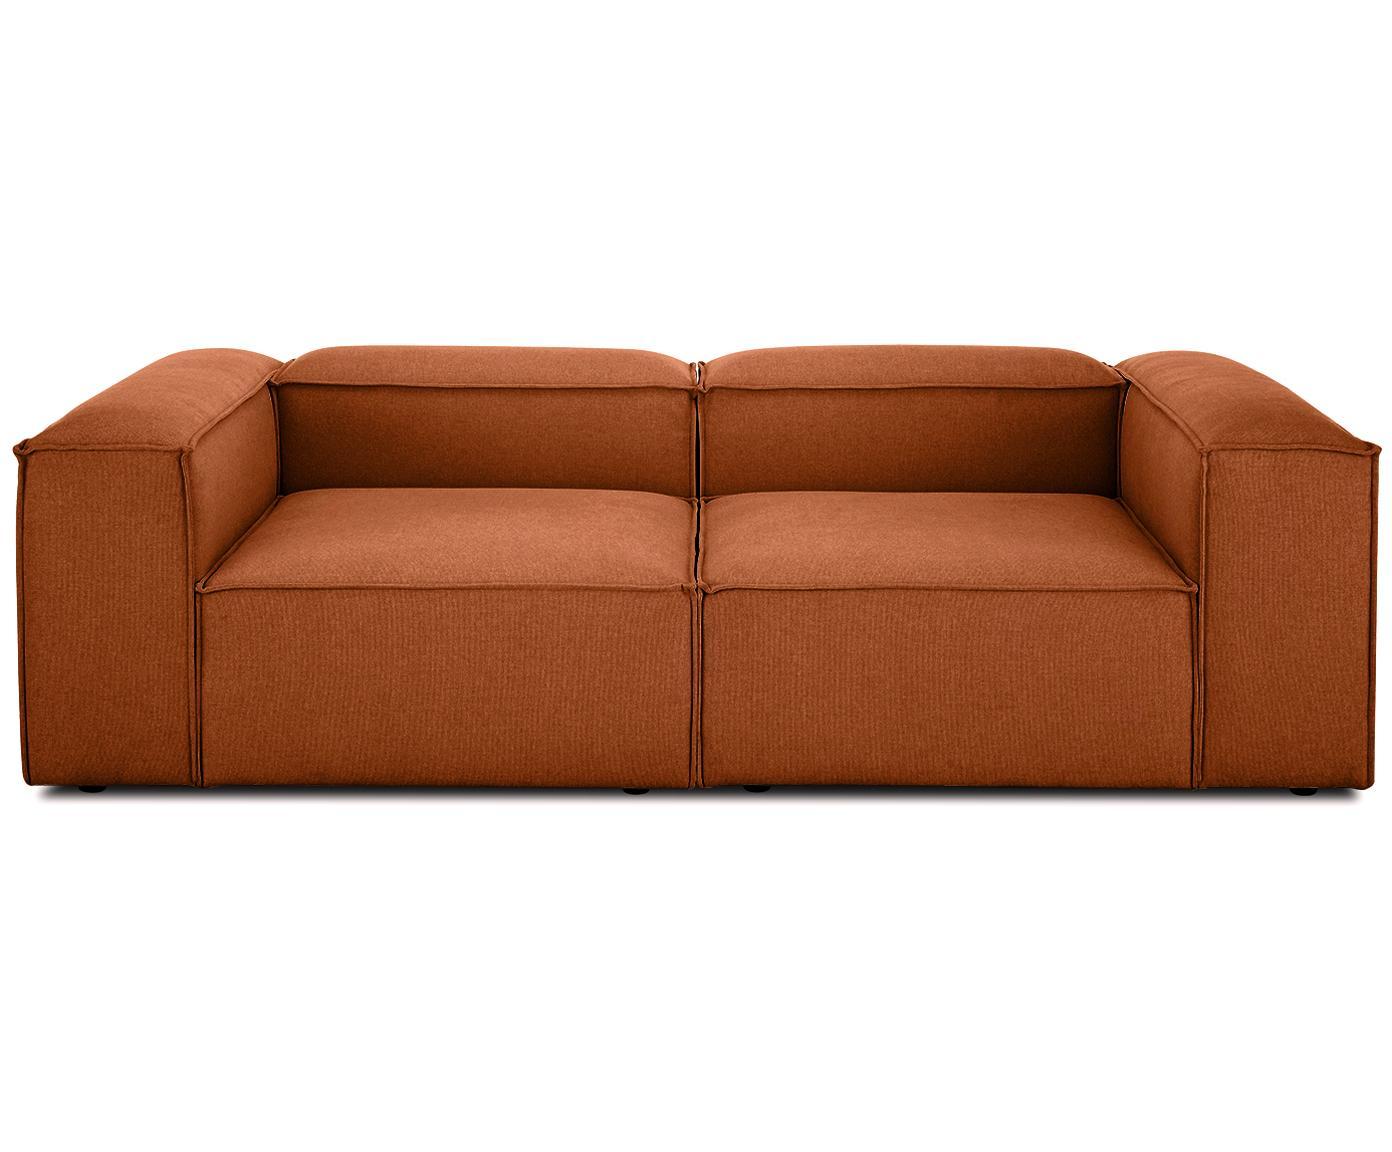 Modulaire bank Lennon (3-zits), Bekleding: polyester, Frame: massief grenenhout, multi, Poten: kunststof, Terracottarood, B 238 x D 119 cm